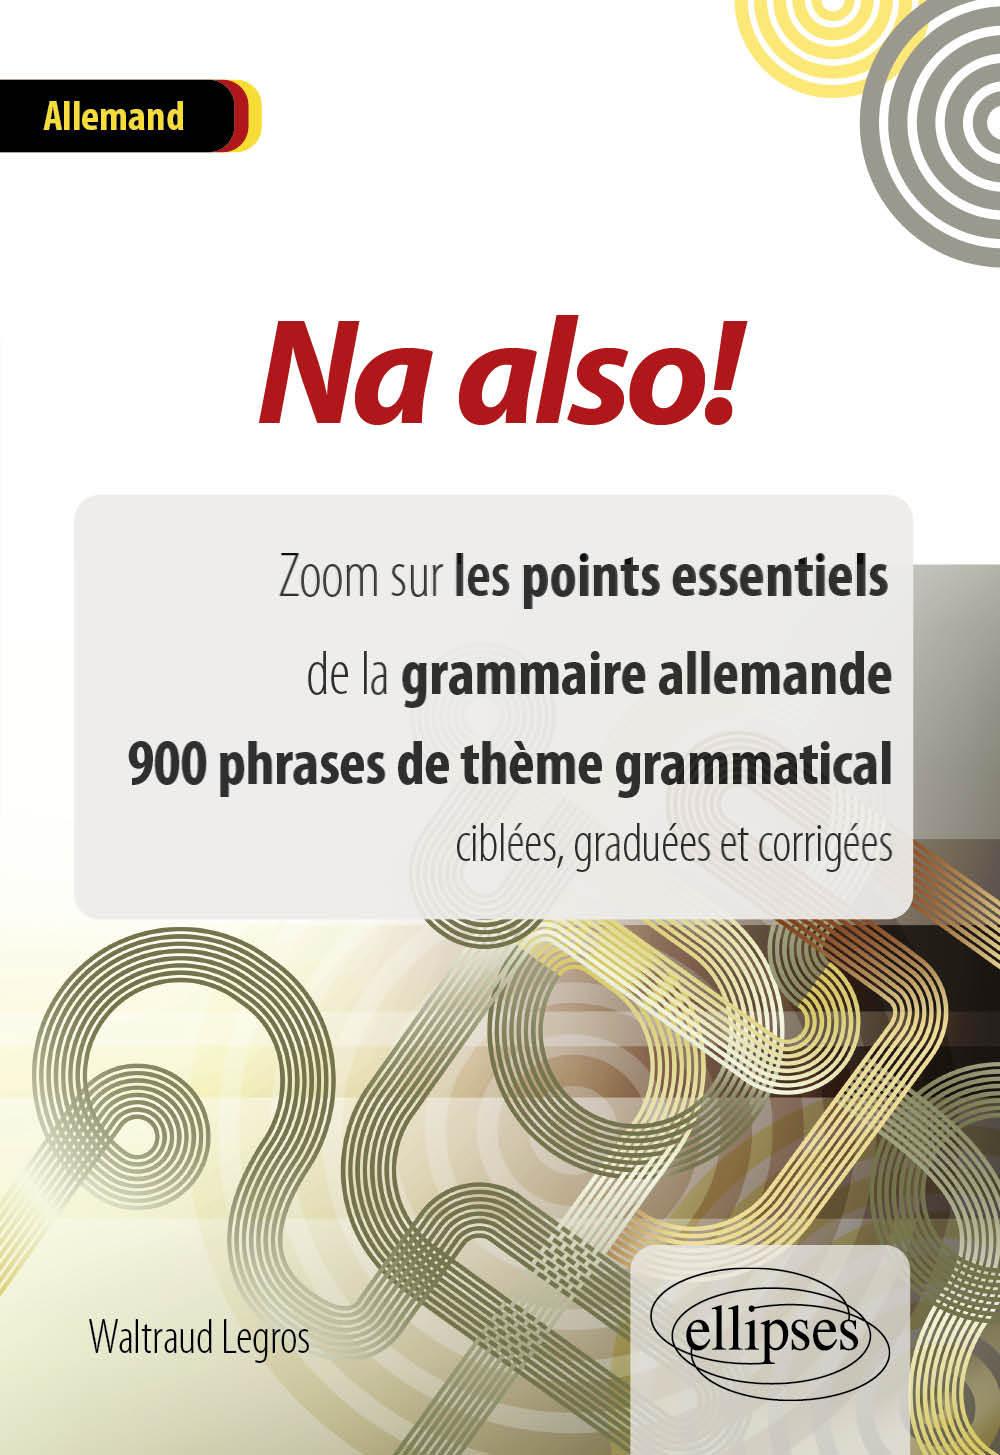 NA ALSO ! ZOOM SUR LES POINTS ESSENTIELS DE LA GRAMMAIRE ALLEMANDE 900 PHRASES DE THEME GRAMMATICAL